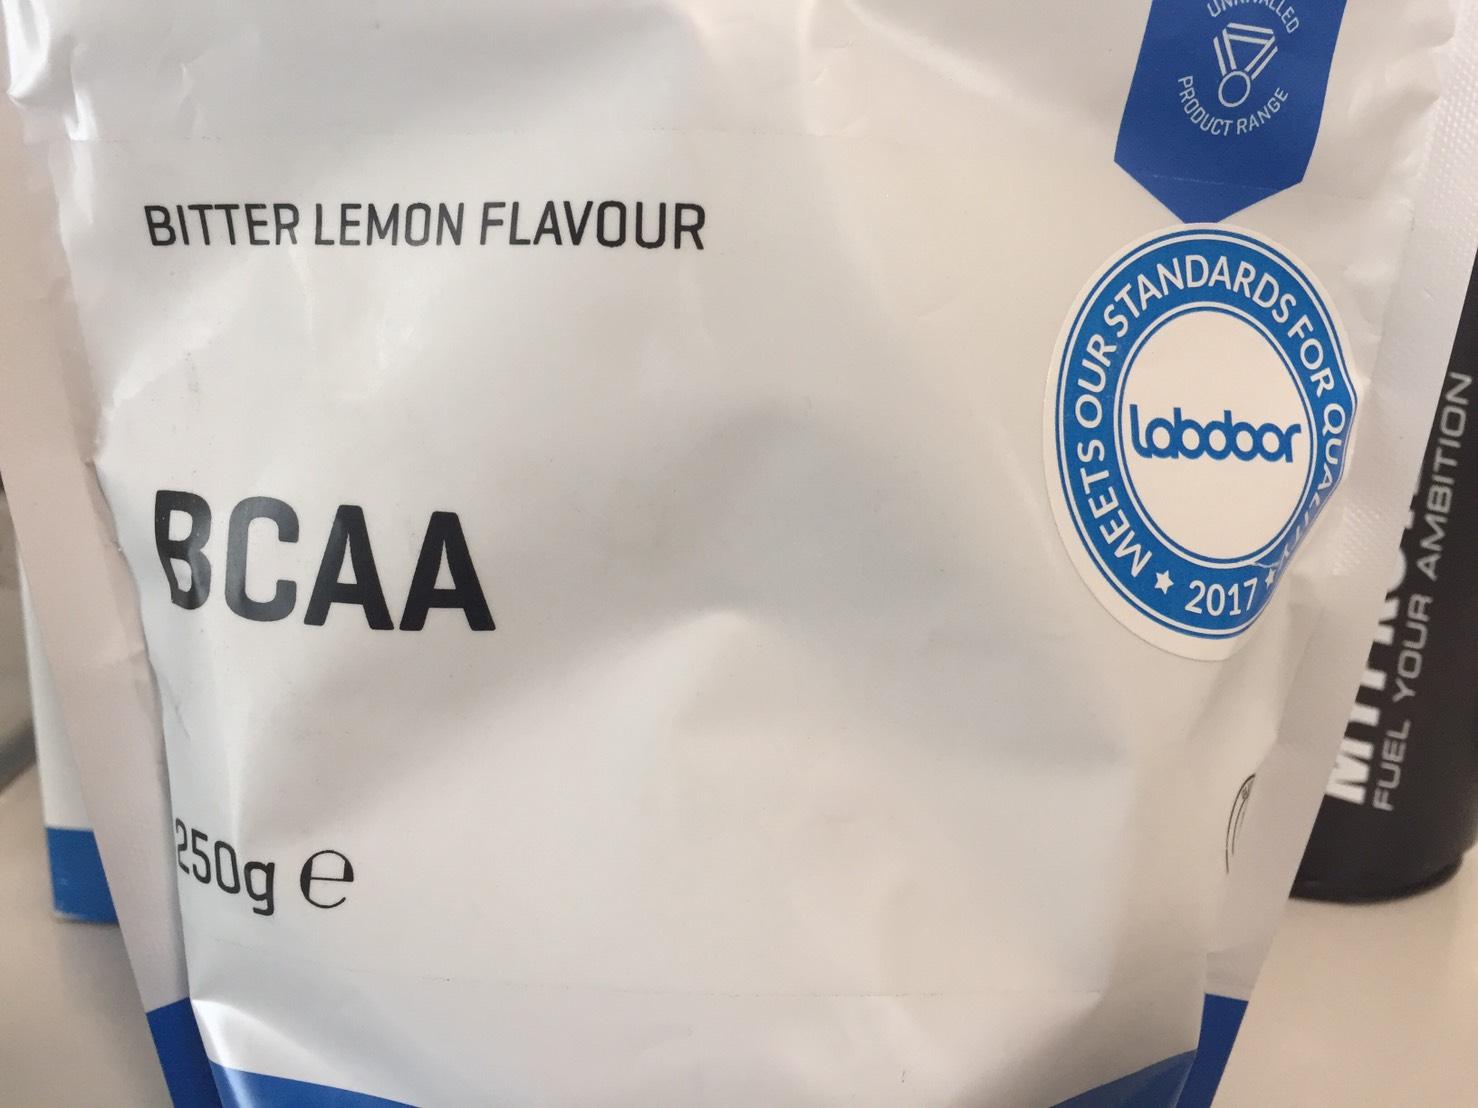 BCAA「ビターレモン味(BITTER LEMON)」